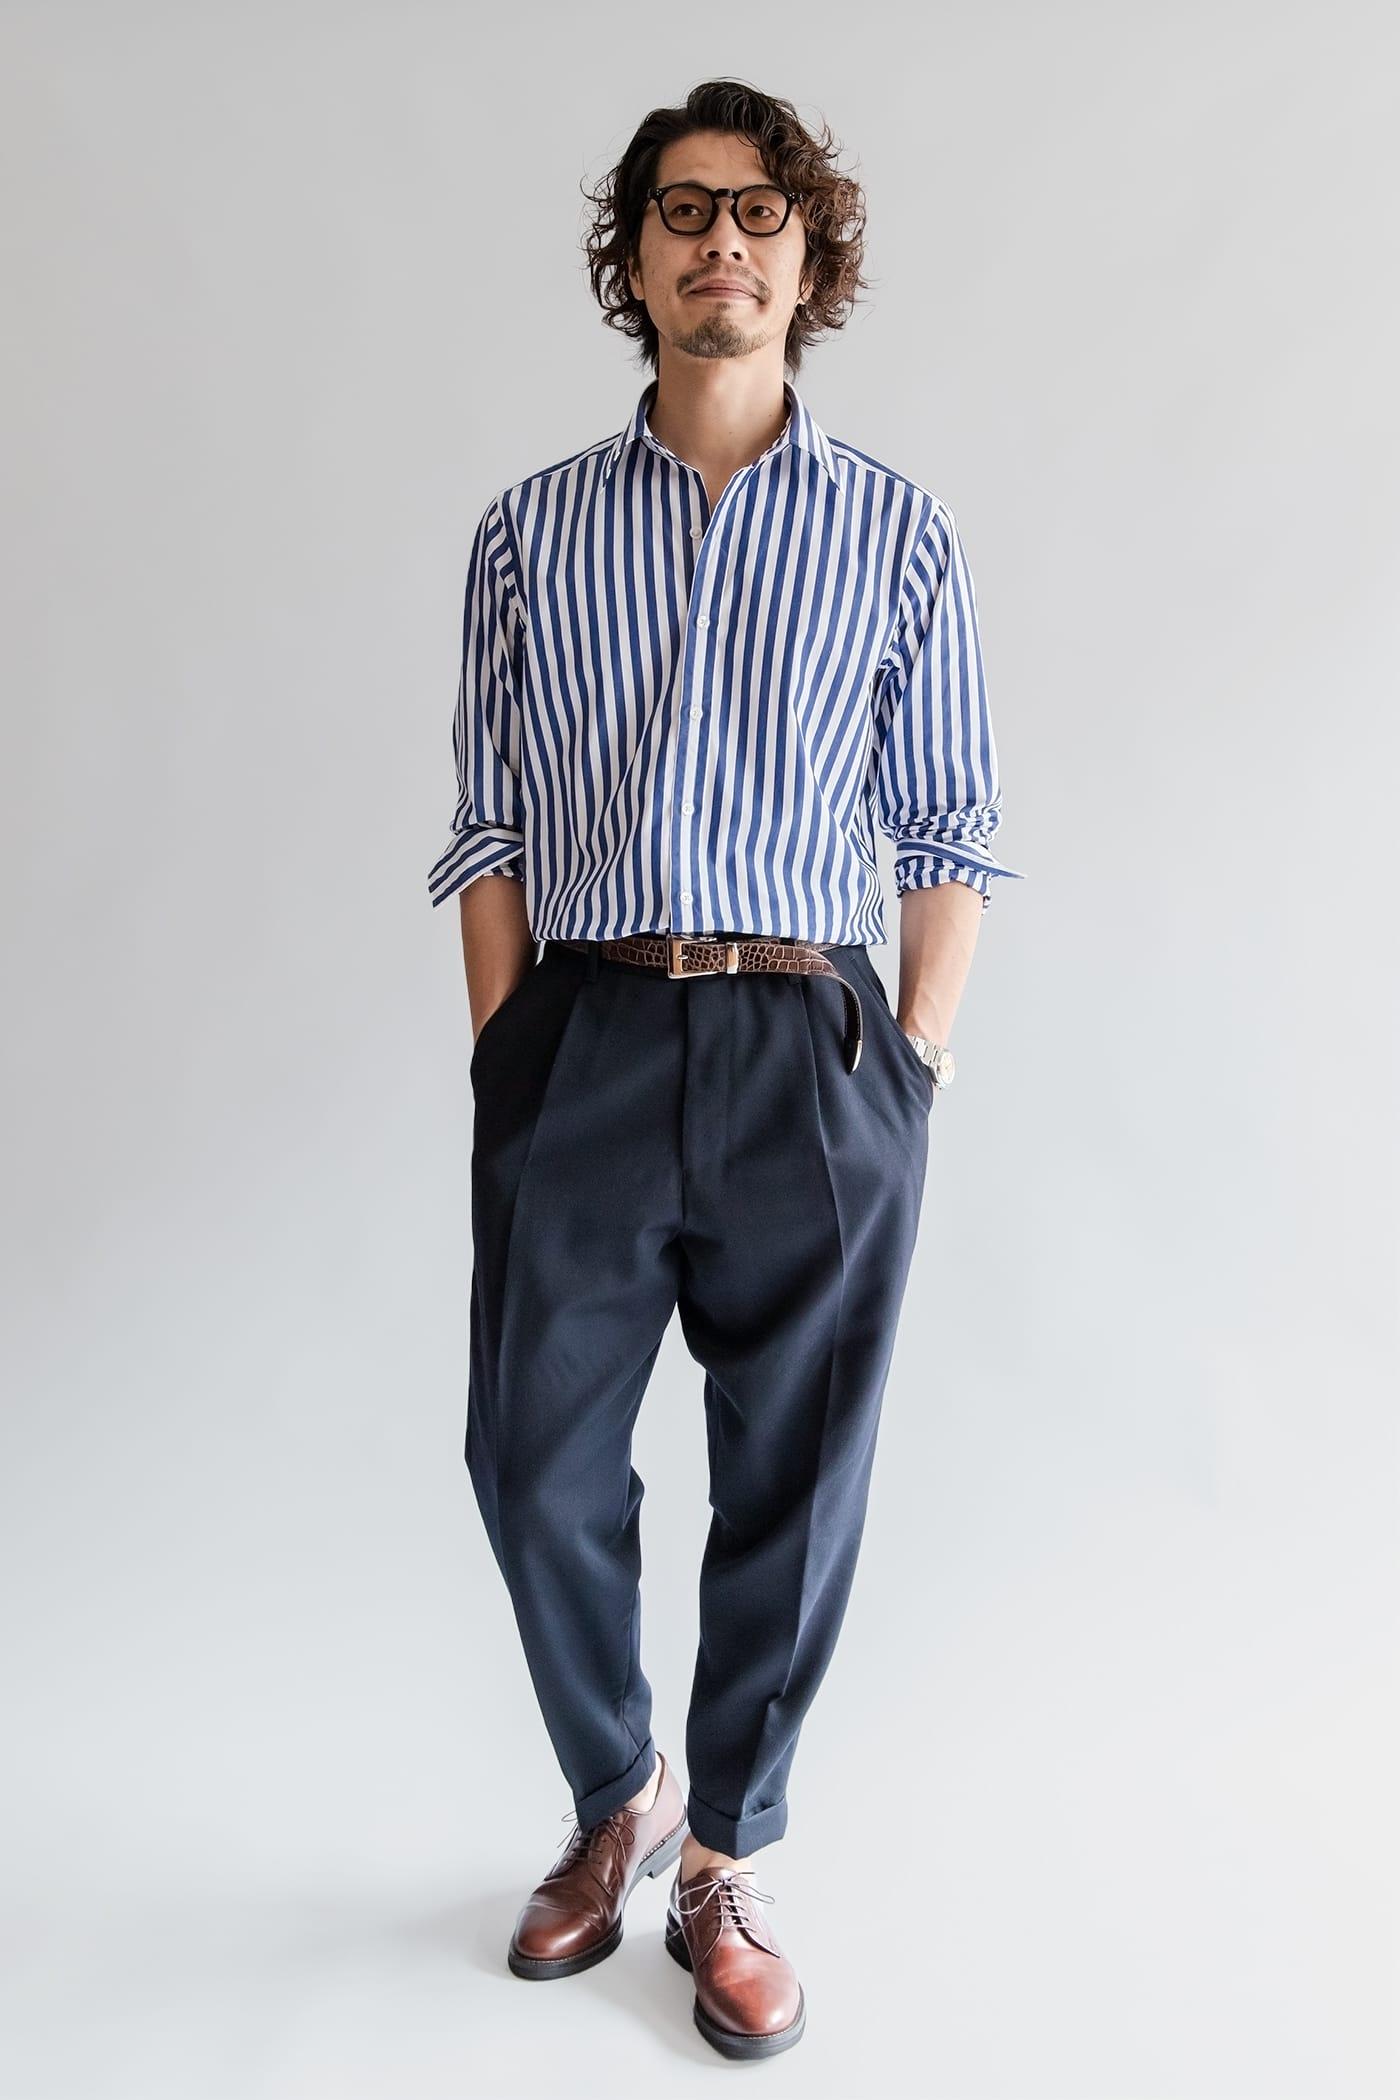 ドレスシャツ「ロンドン」 ゆったりしたシルエットはシャツイチにも好適